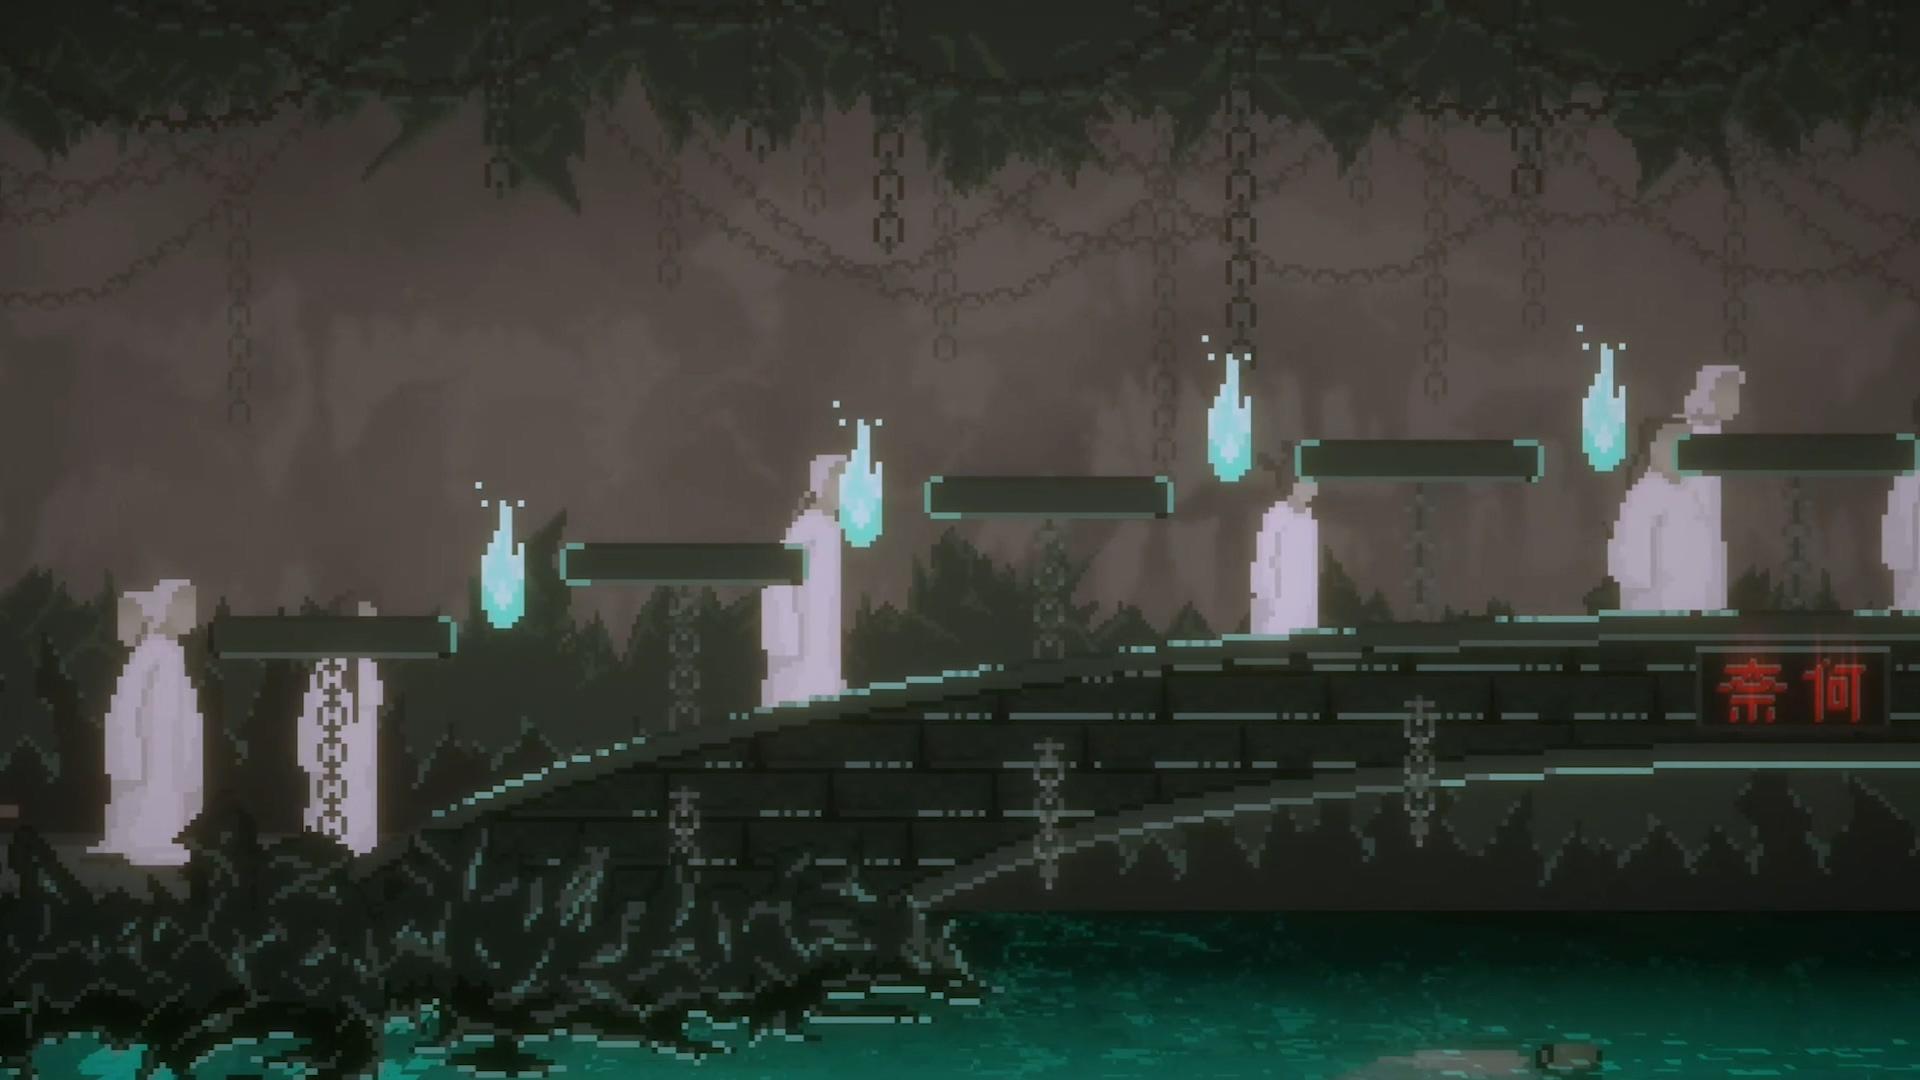 穿越时空逆梦而行 国风志怪冒险解谜游戏《山海旅人》今日发售